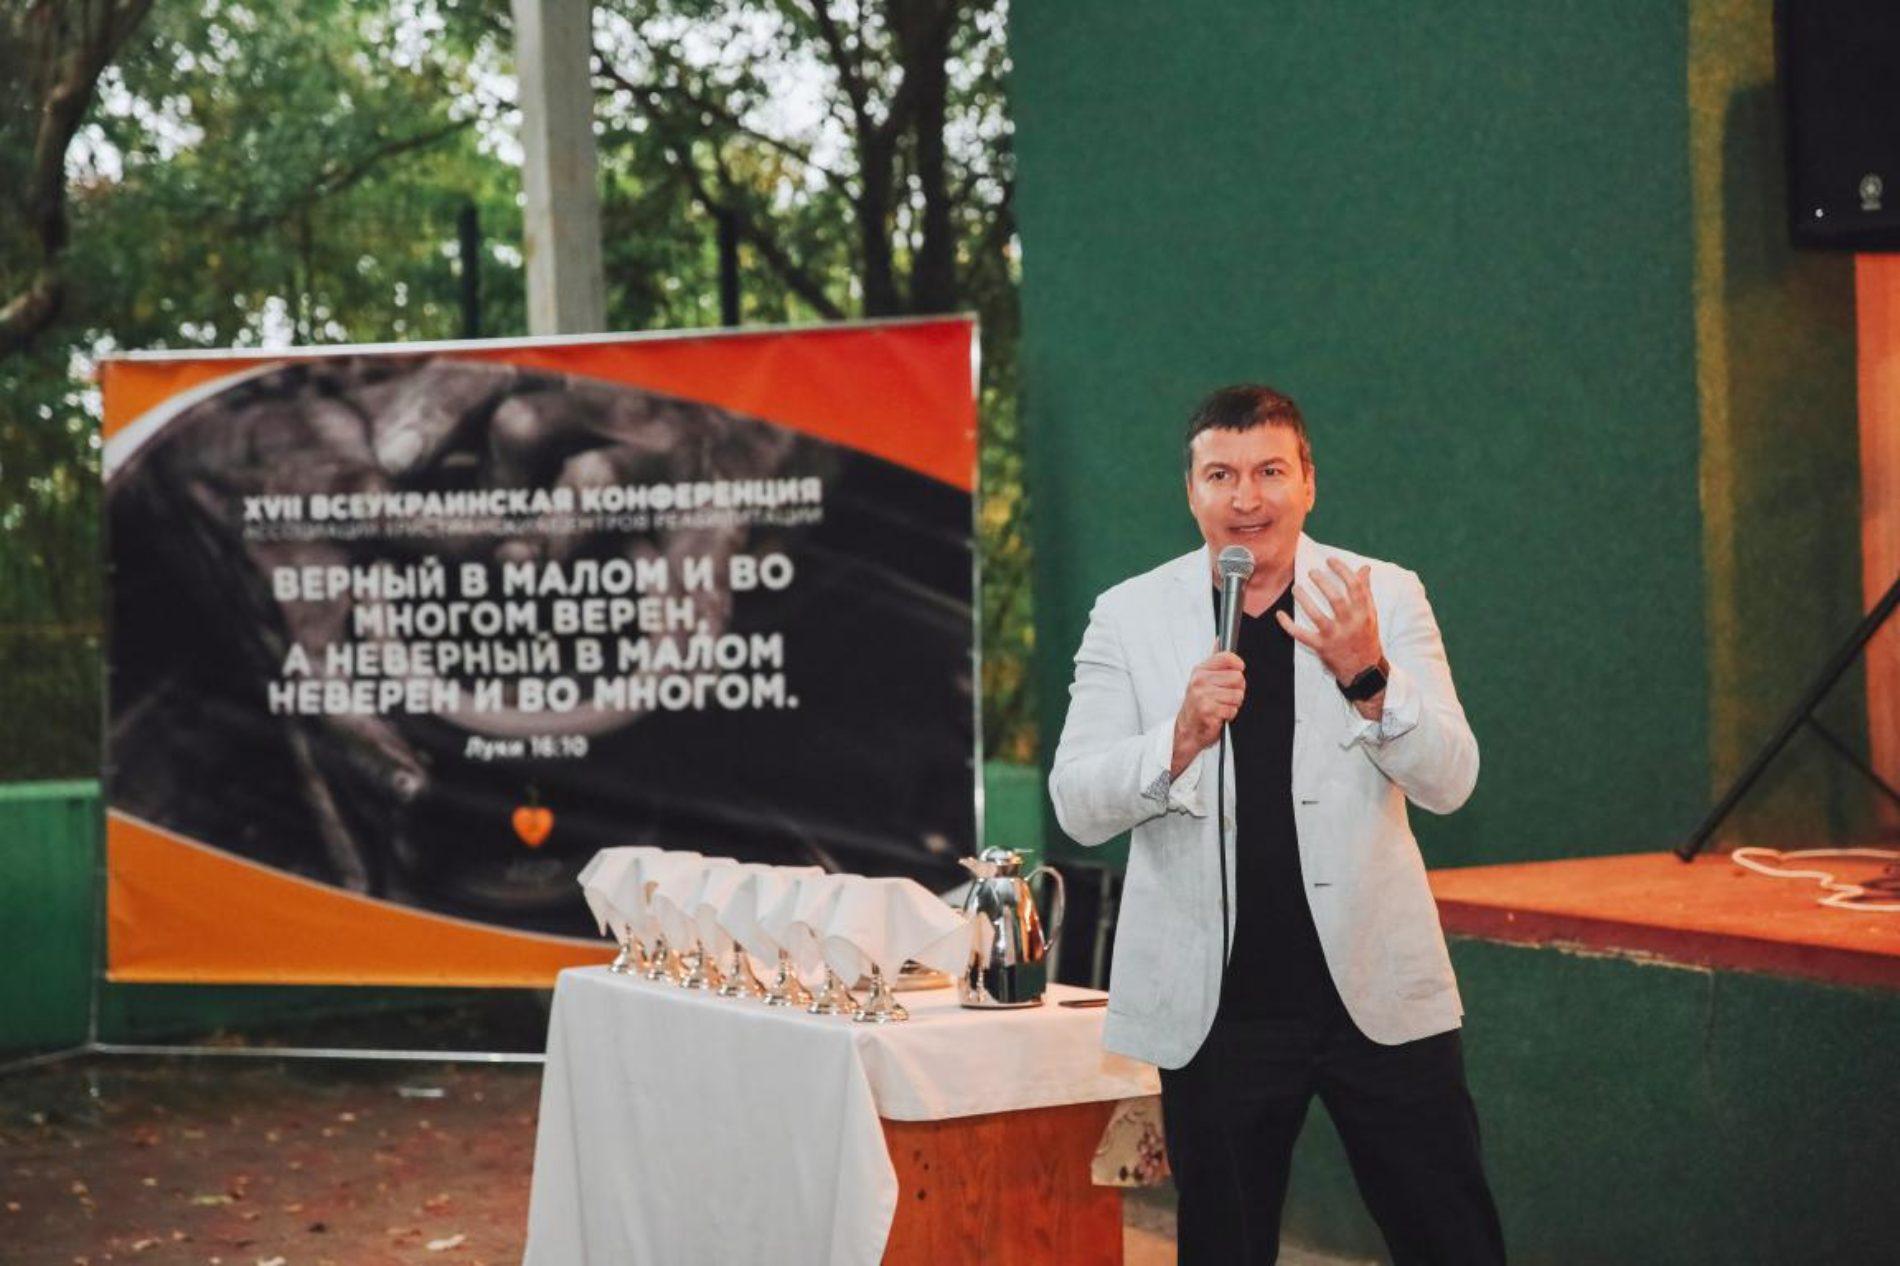 Служителі соціального відділу УЦХВЄ взяли участь в організації XVII конференції Асоціації християнських центрів реабілітації